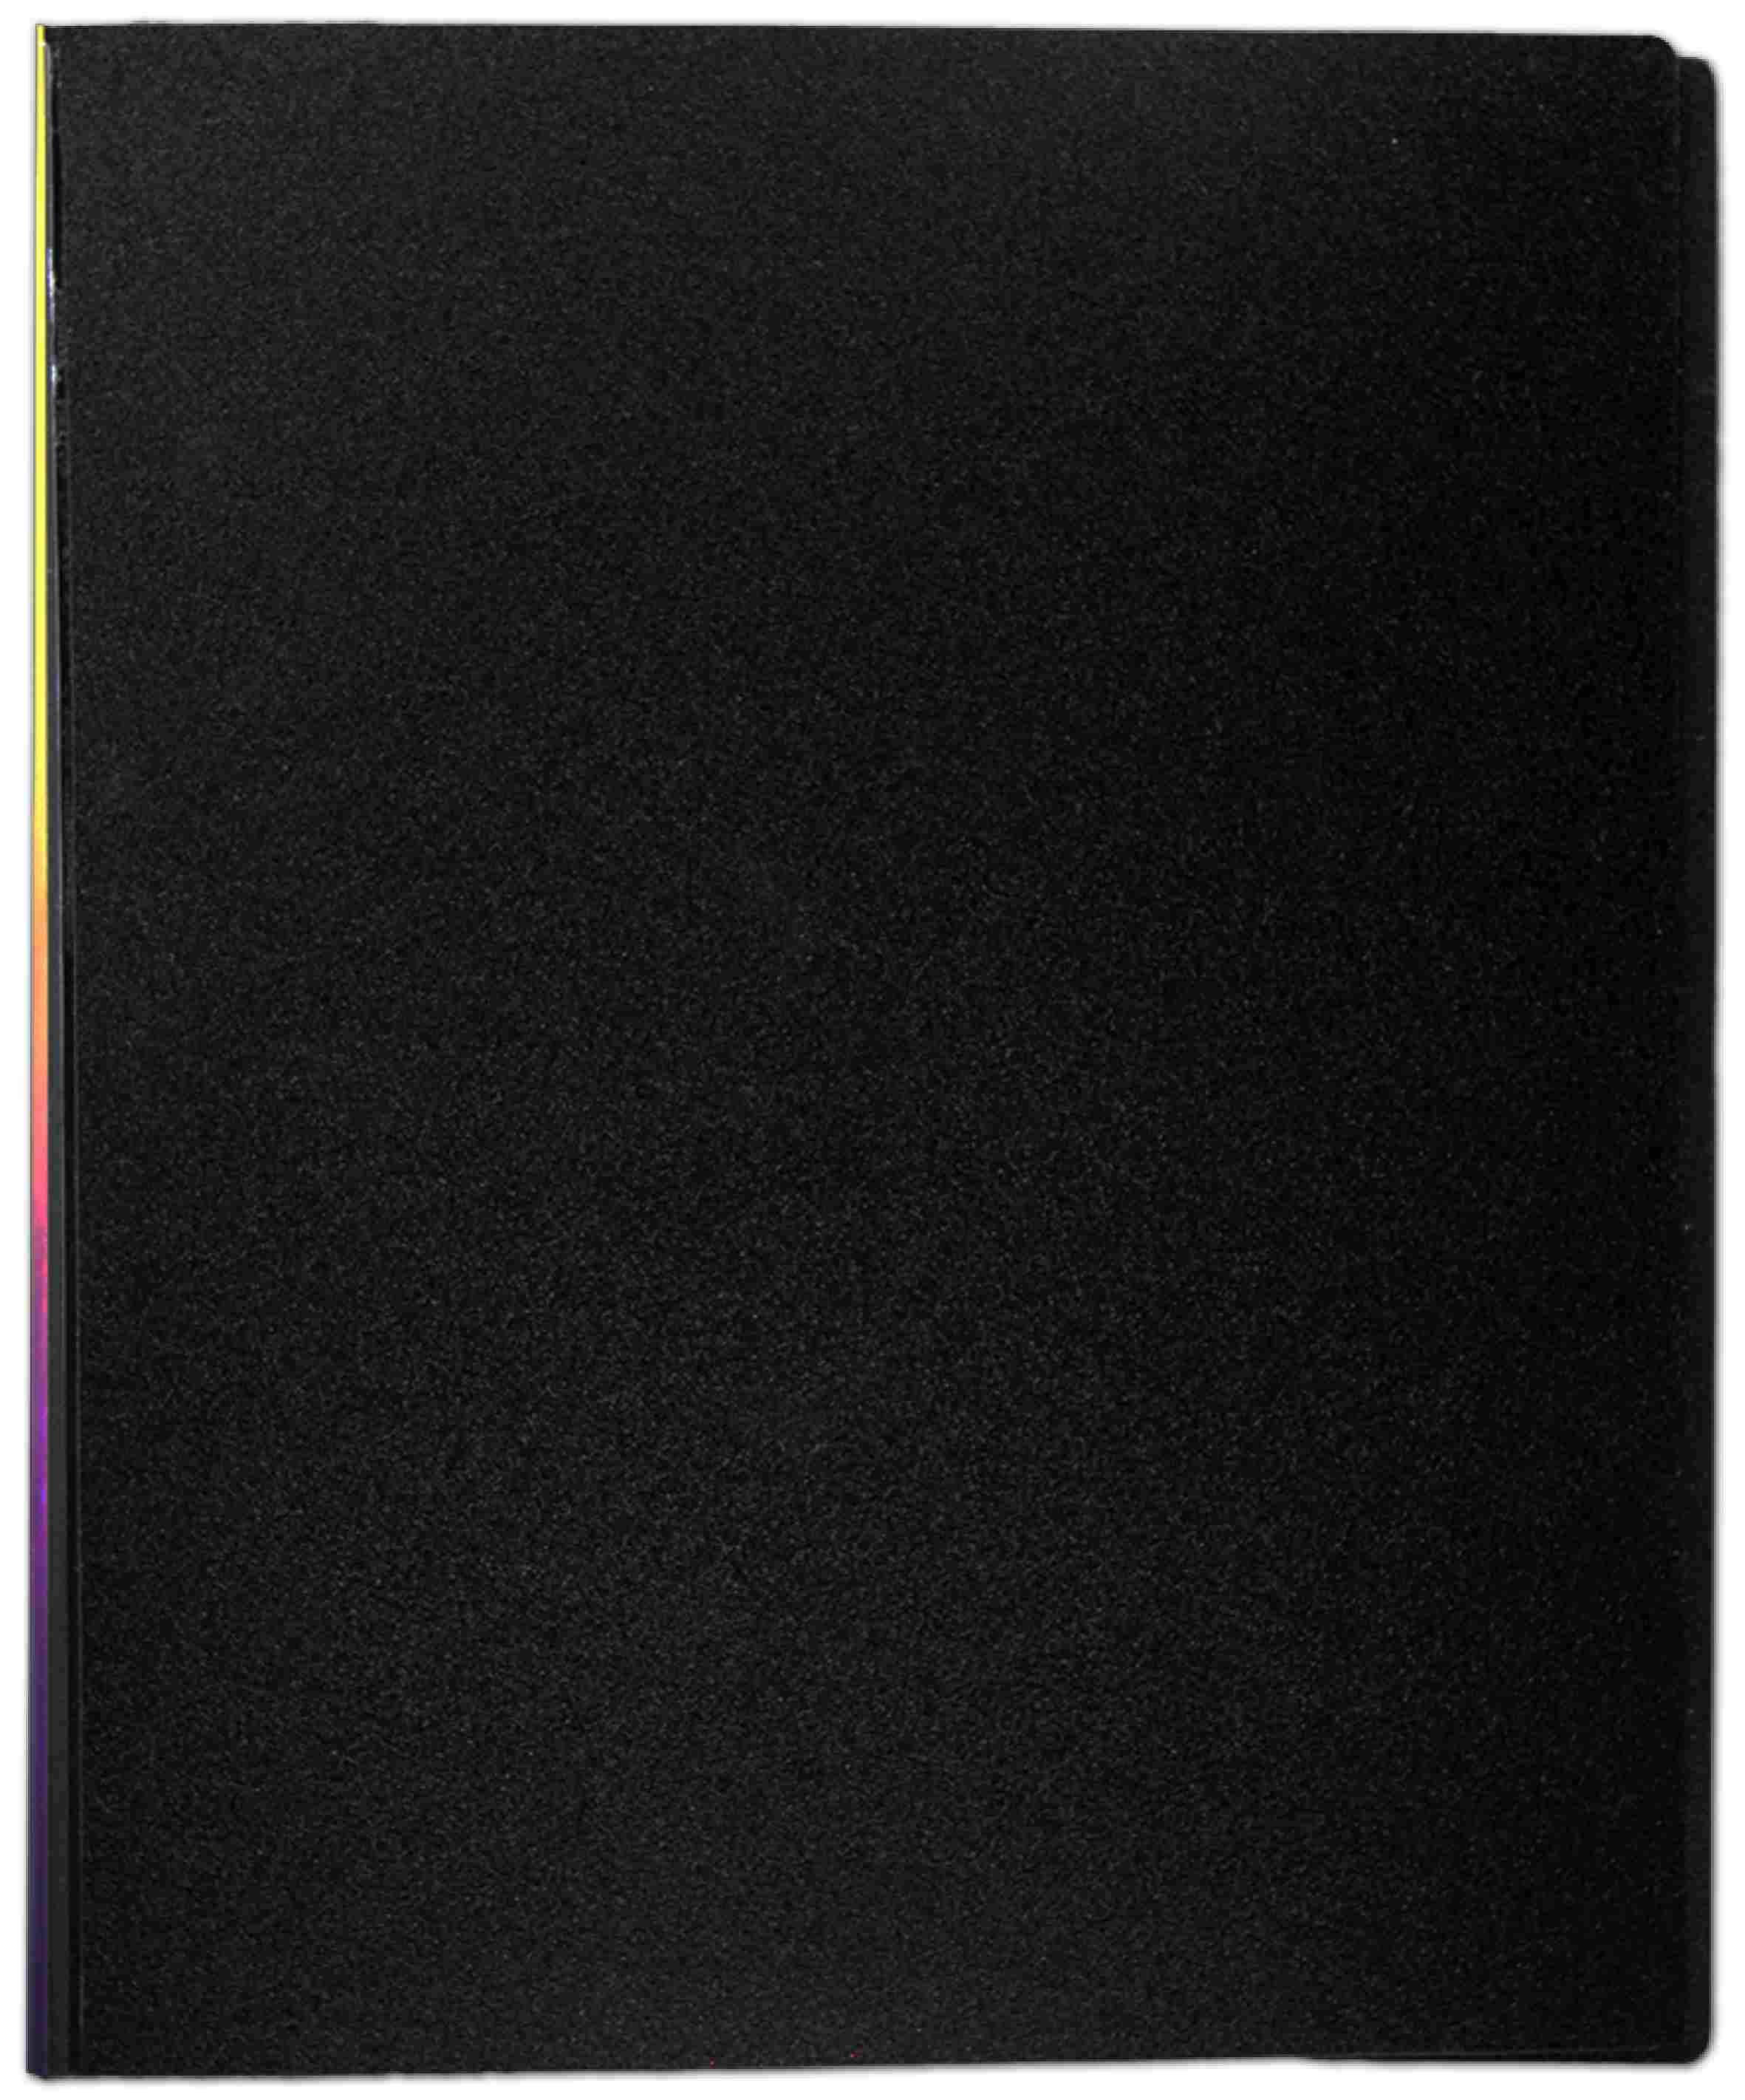 Visitenkartenbuch Flexzip A4 Schwarz Mit 10 Auswechselbaren Hüllen Für Bis Zu 400 Visitenkarten